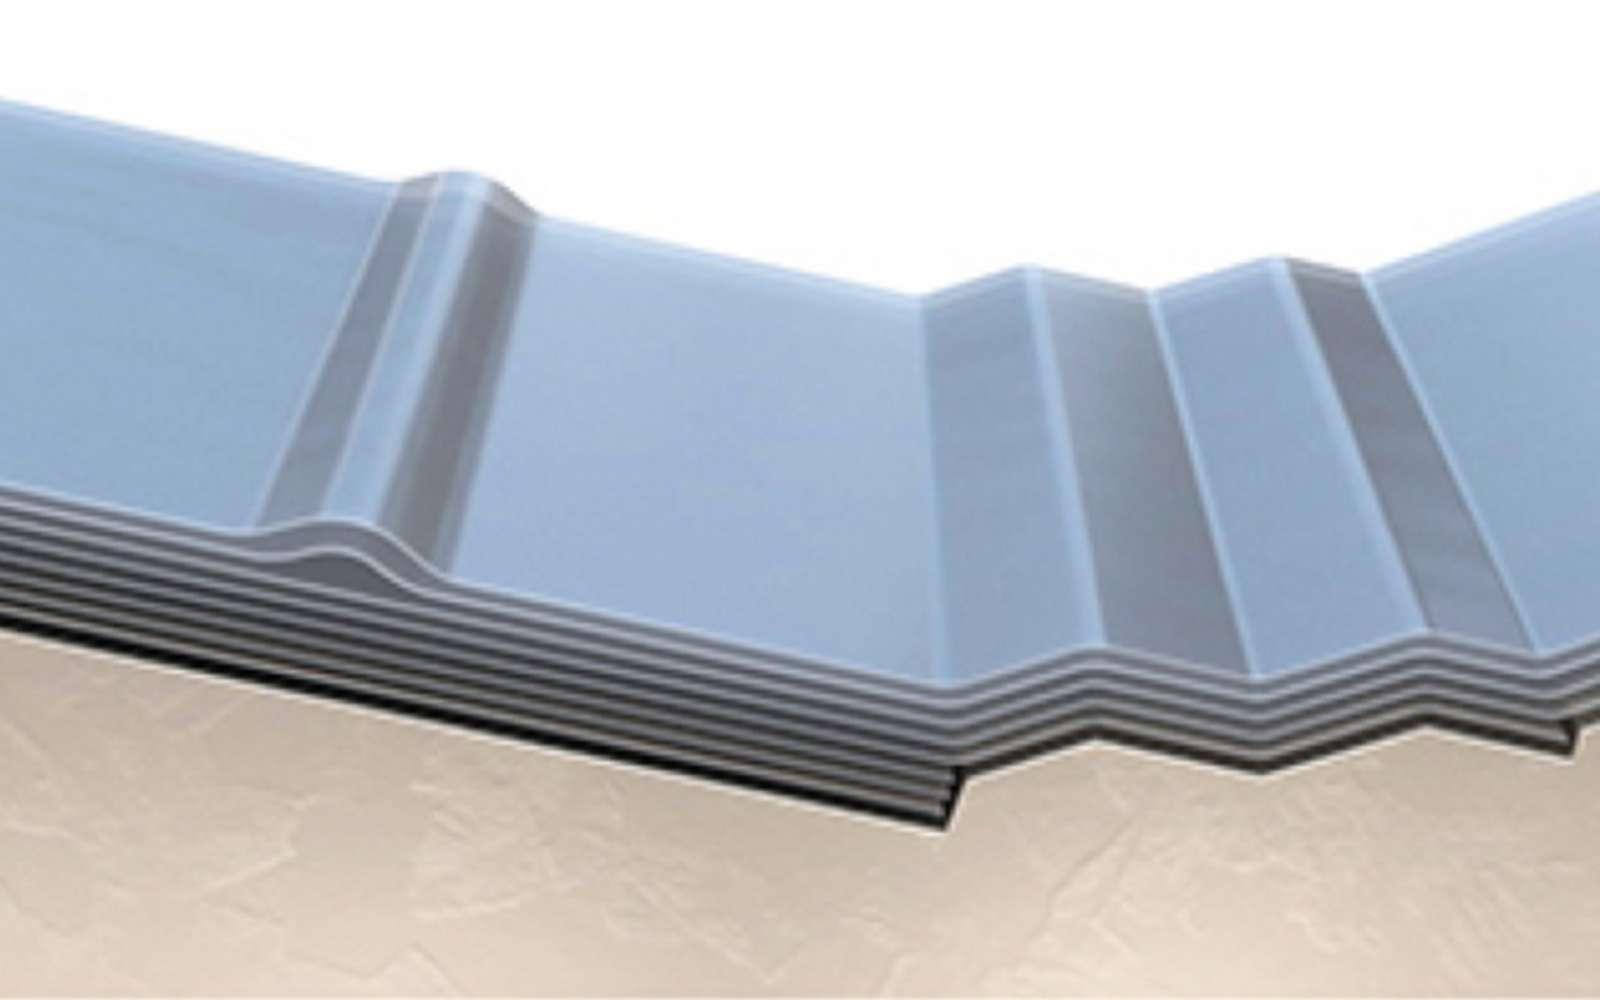 Voici la représentation du matériau en graphique mis au point par les chercheurs de l'Université Kaust. Les couches du matériau flexible sont composées de graphite et de nickel. © Kaust